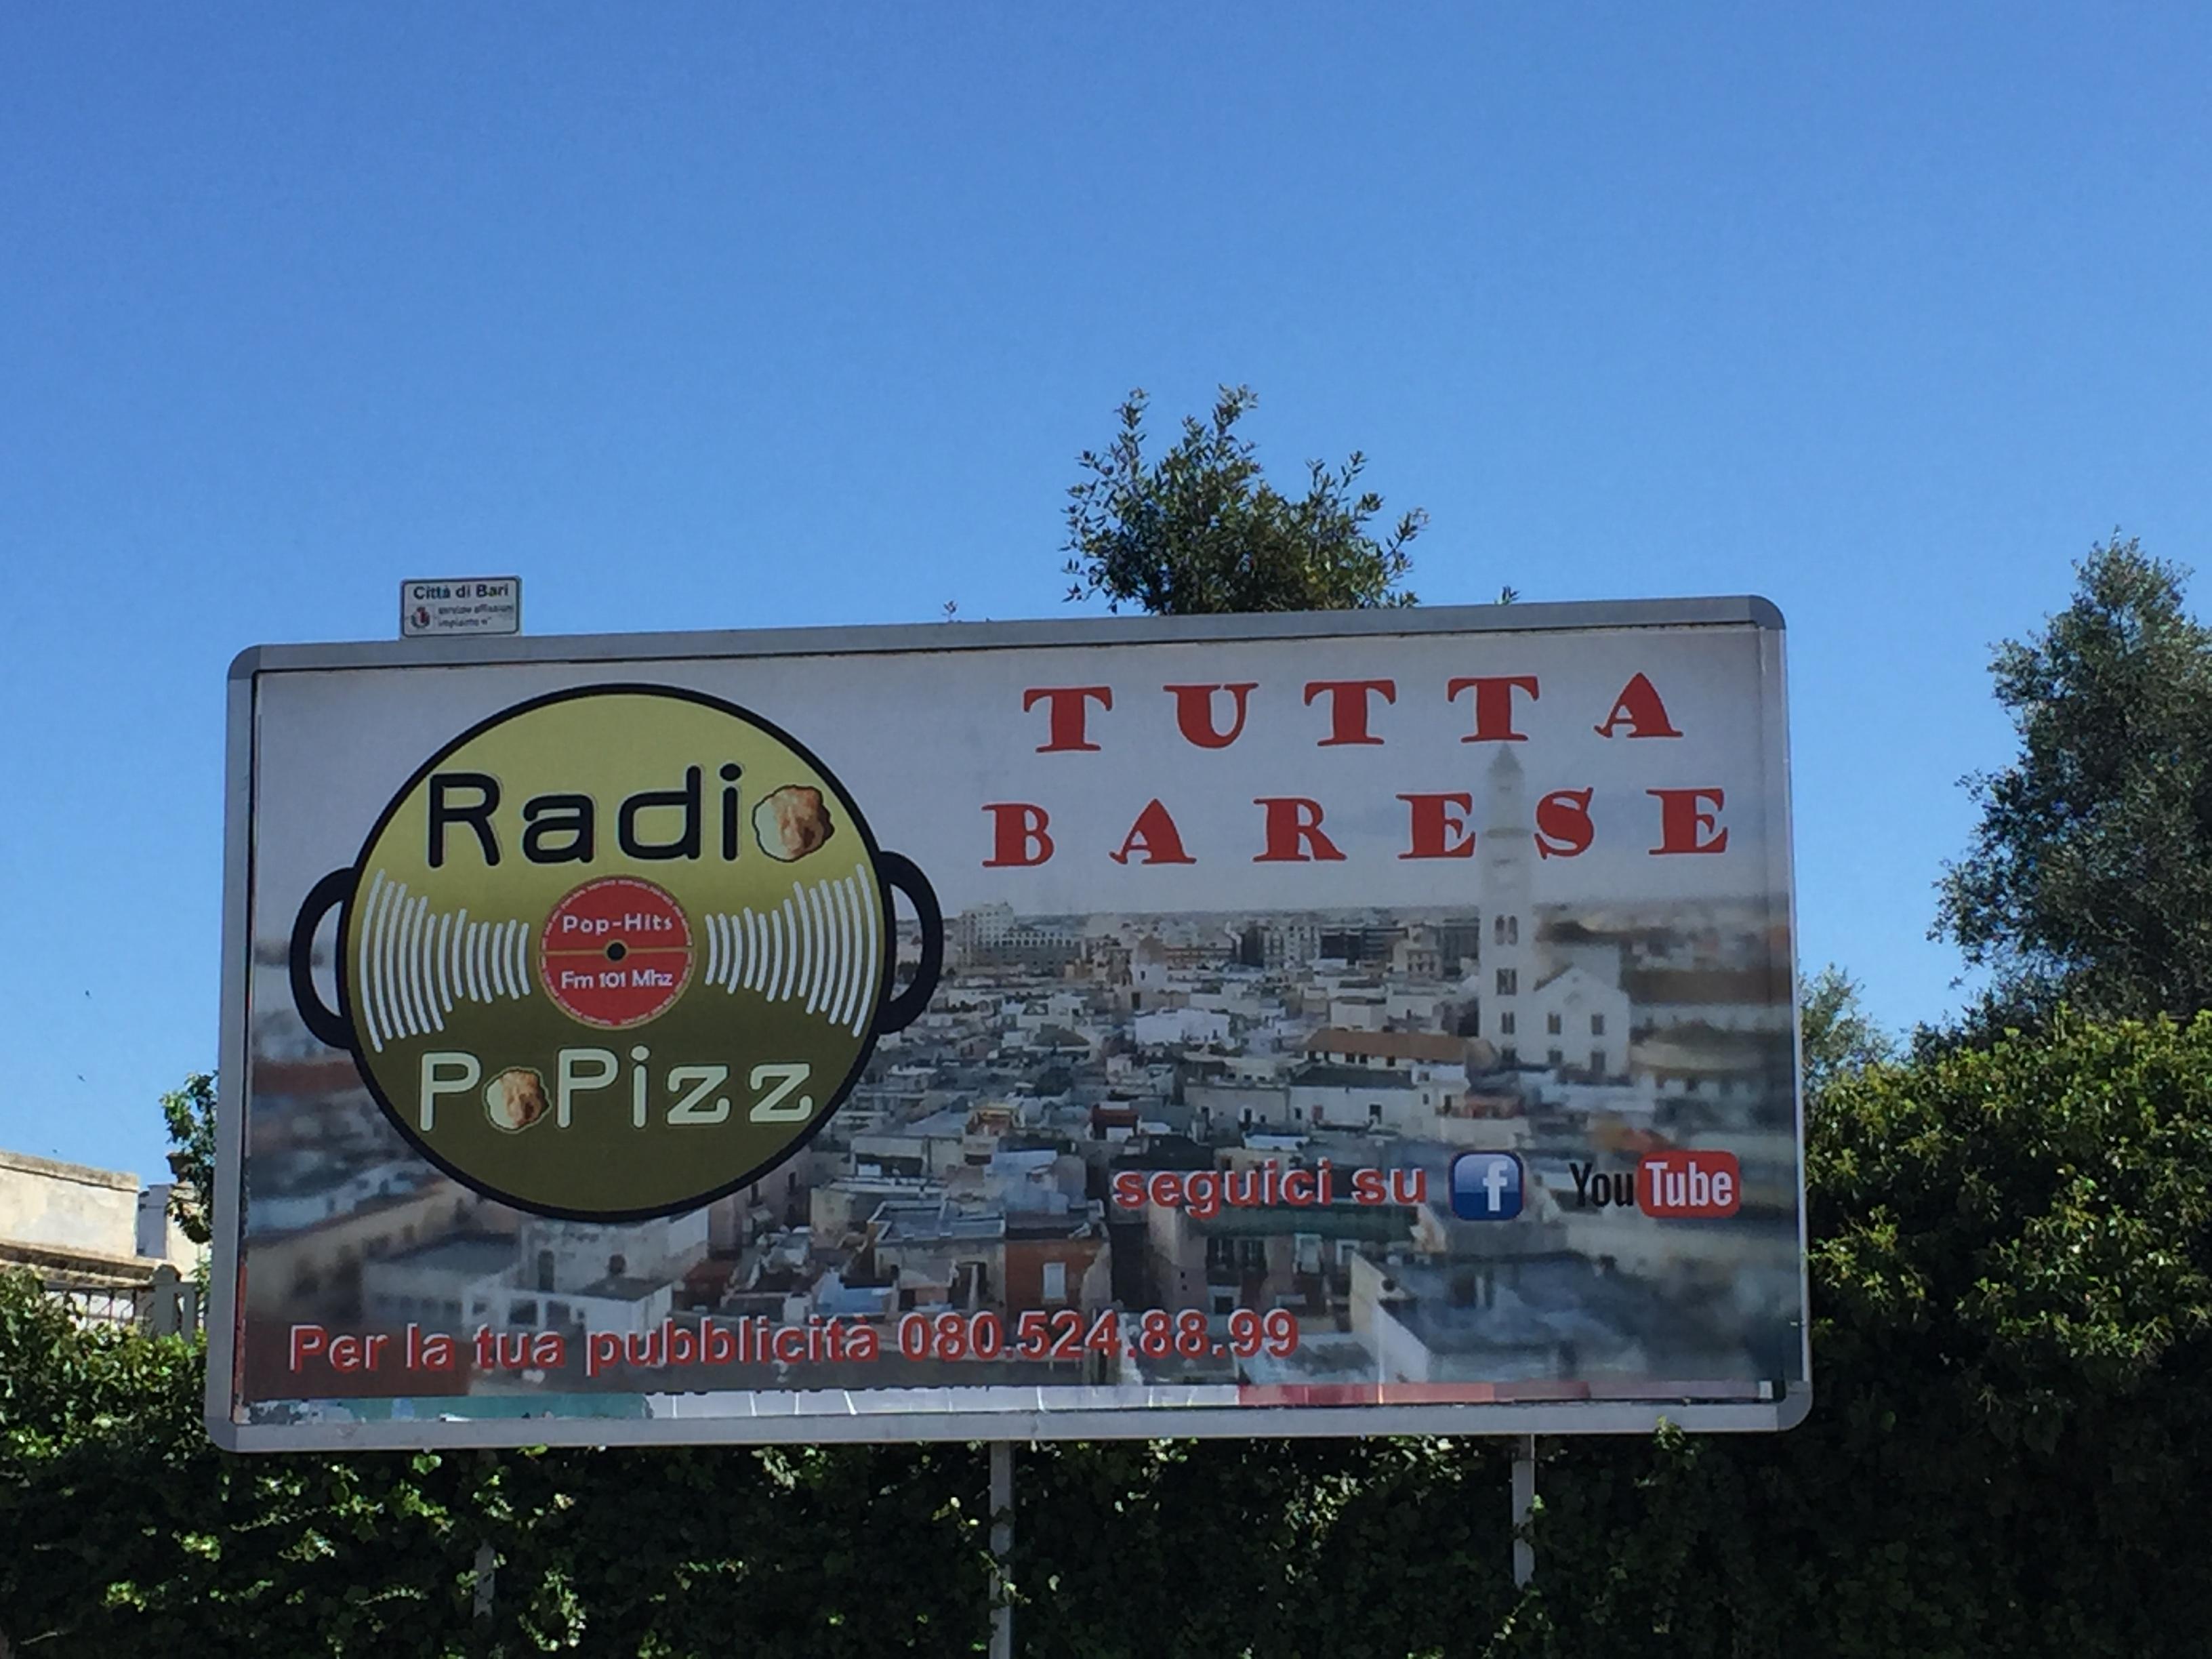 Popizz cartellone - Radio & Tv. Il caso PoPizz: da Bari in Lombardia con lo spirito degli anni '70 attraverso l'H264